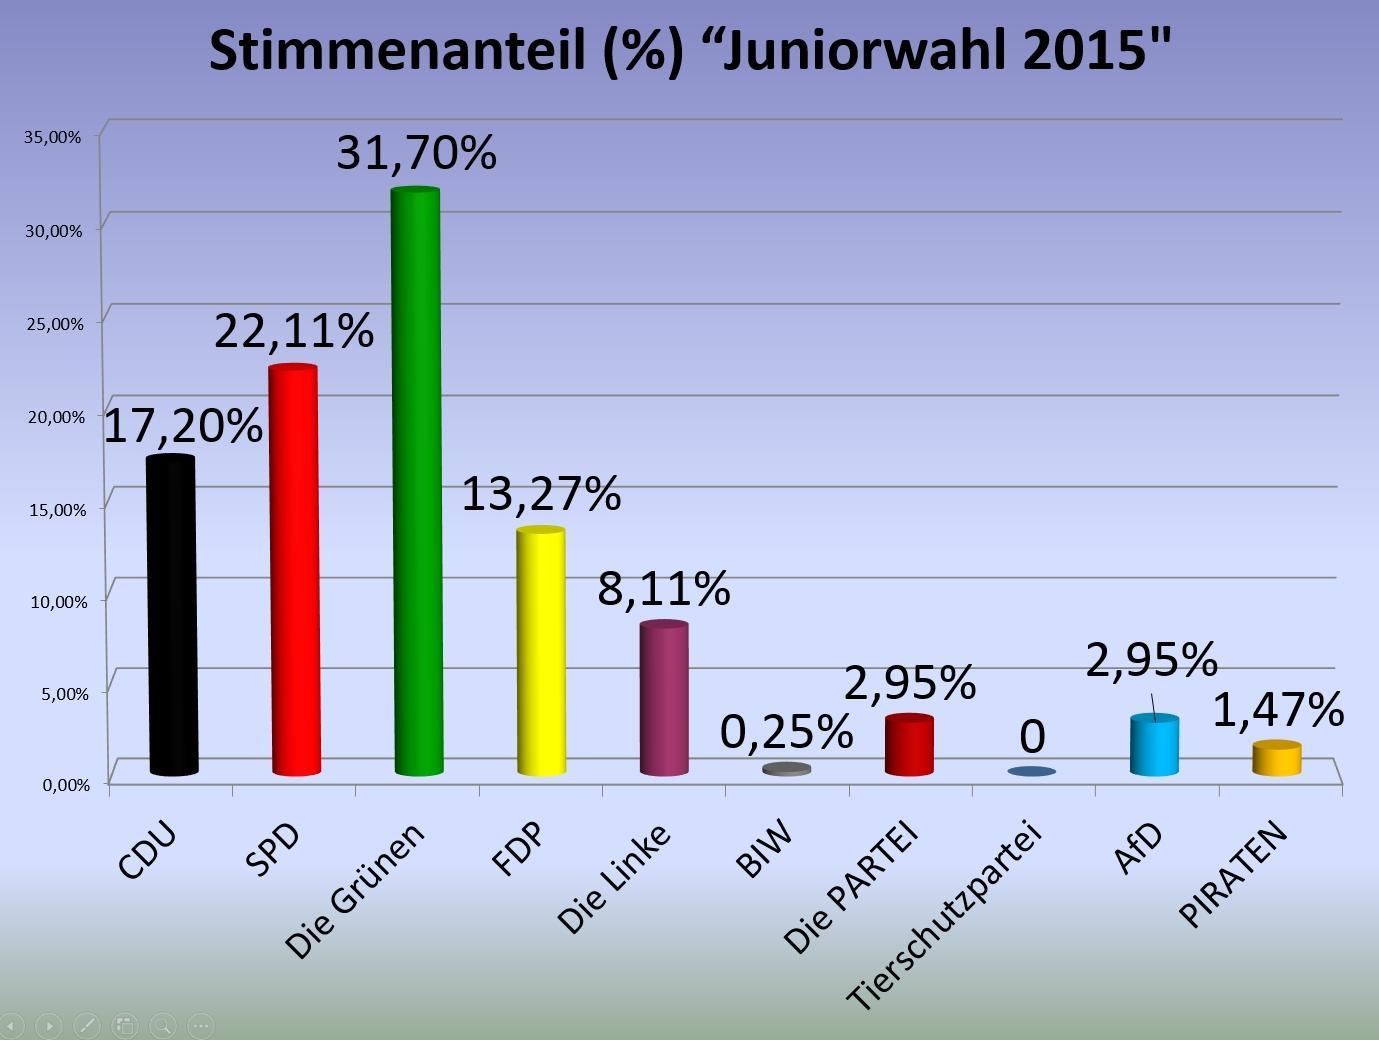 Wahlaktionstag2015_Juniorwahl_Stimmenanteil in Prozent